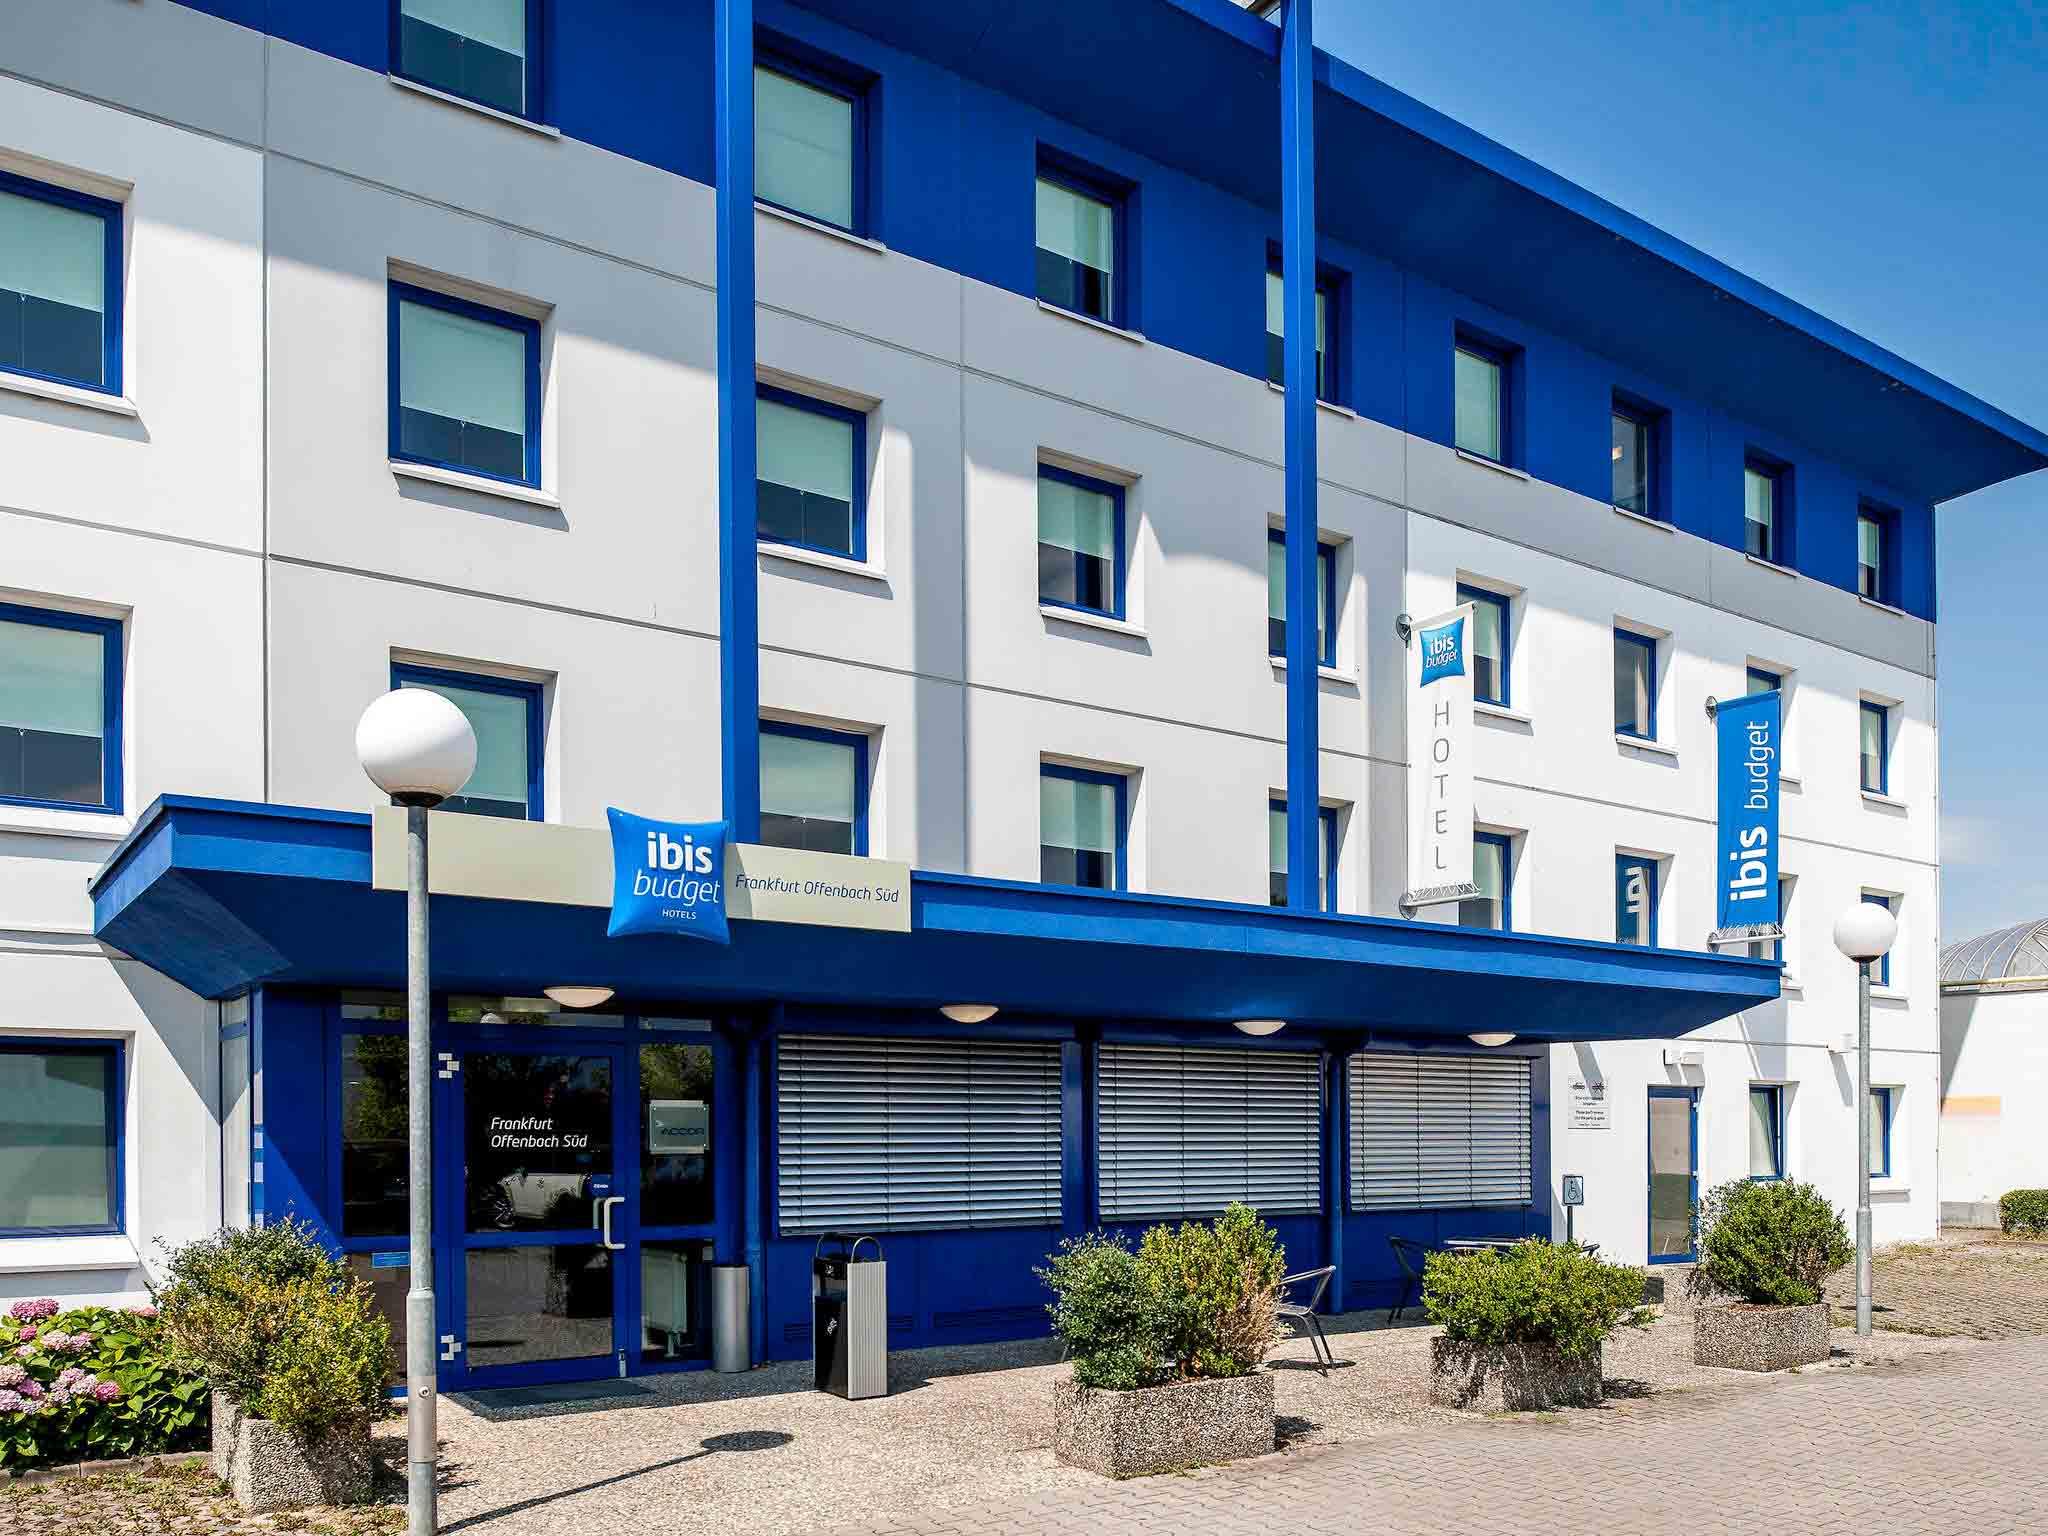 โรงแรม – ibis budget Frankfurt Offenbach Sued